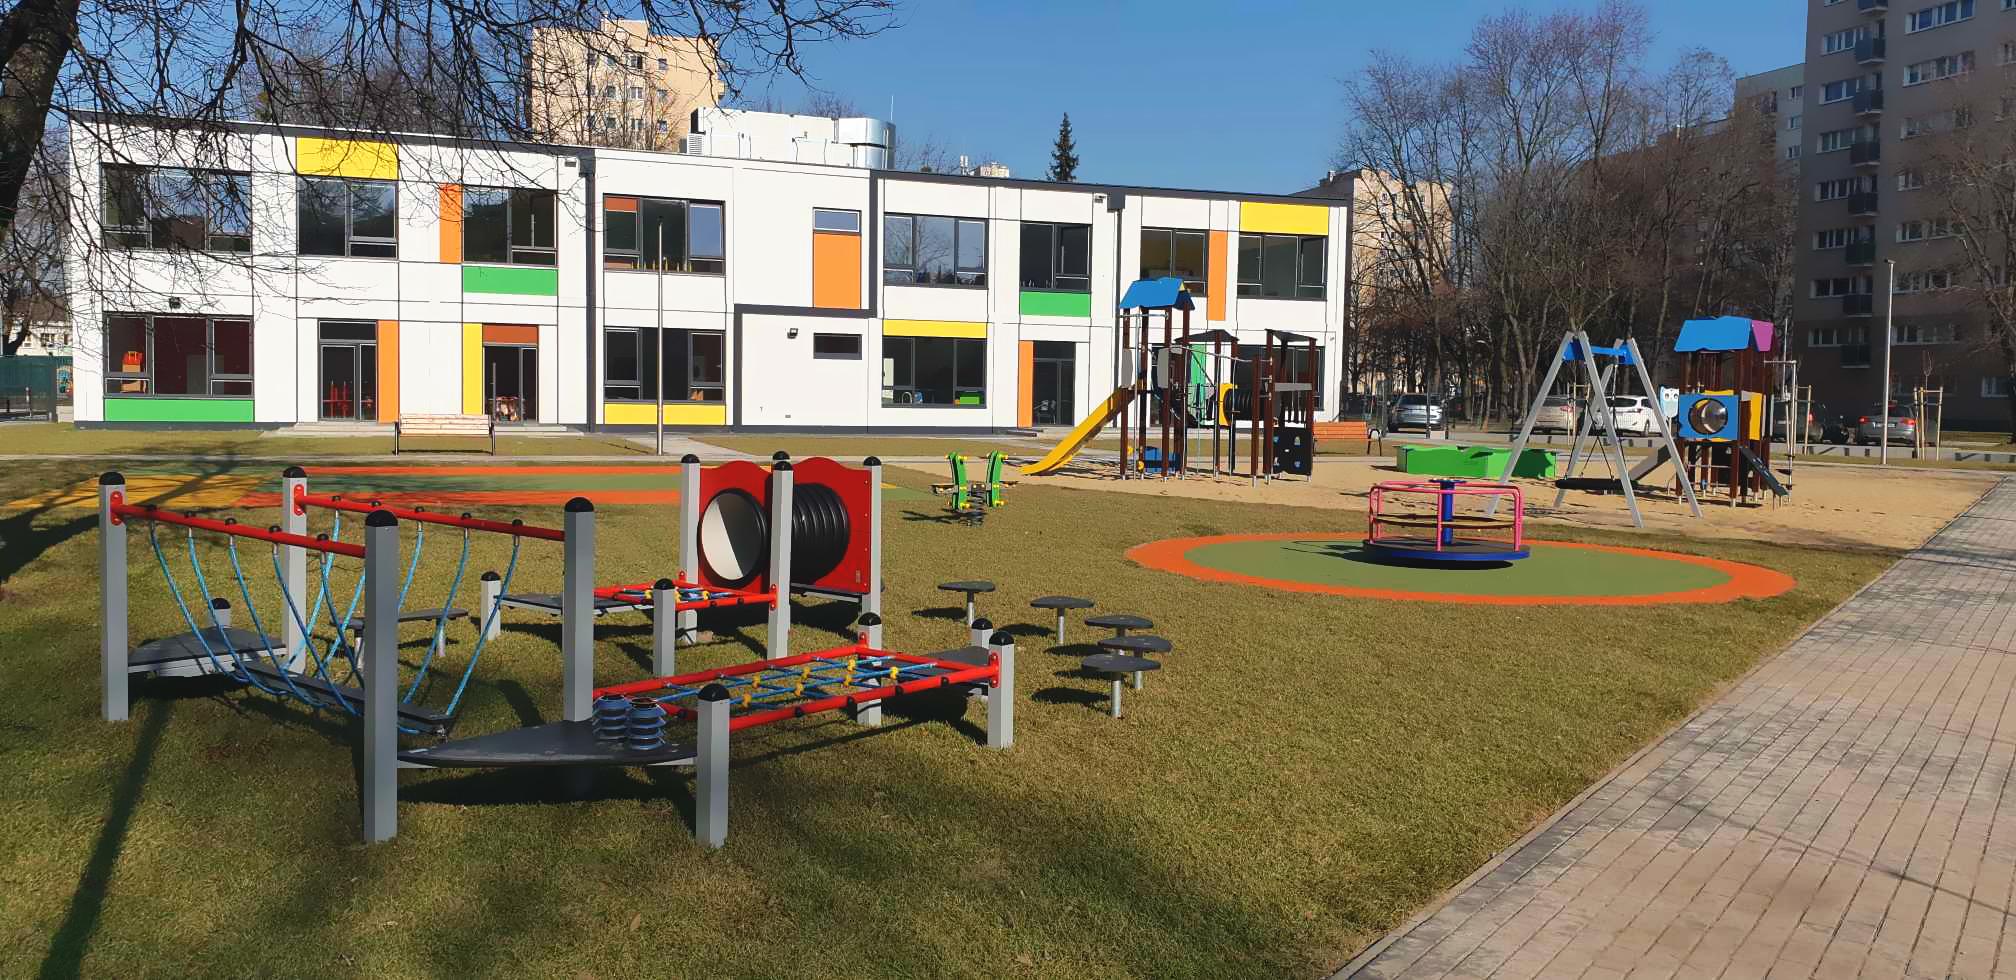 Przedszkole modułowe przy ul. Przy Agorze na warszawskich Bielanach oddane do użytku